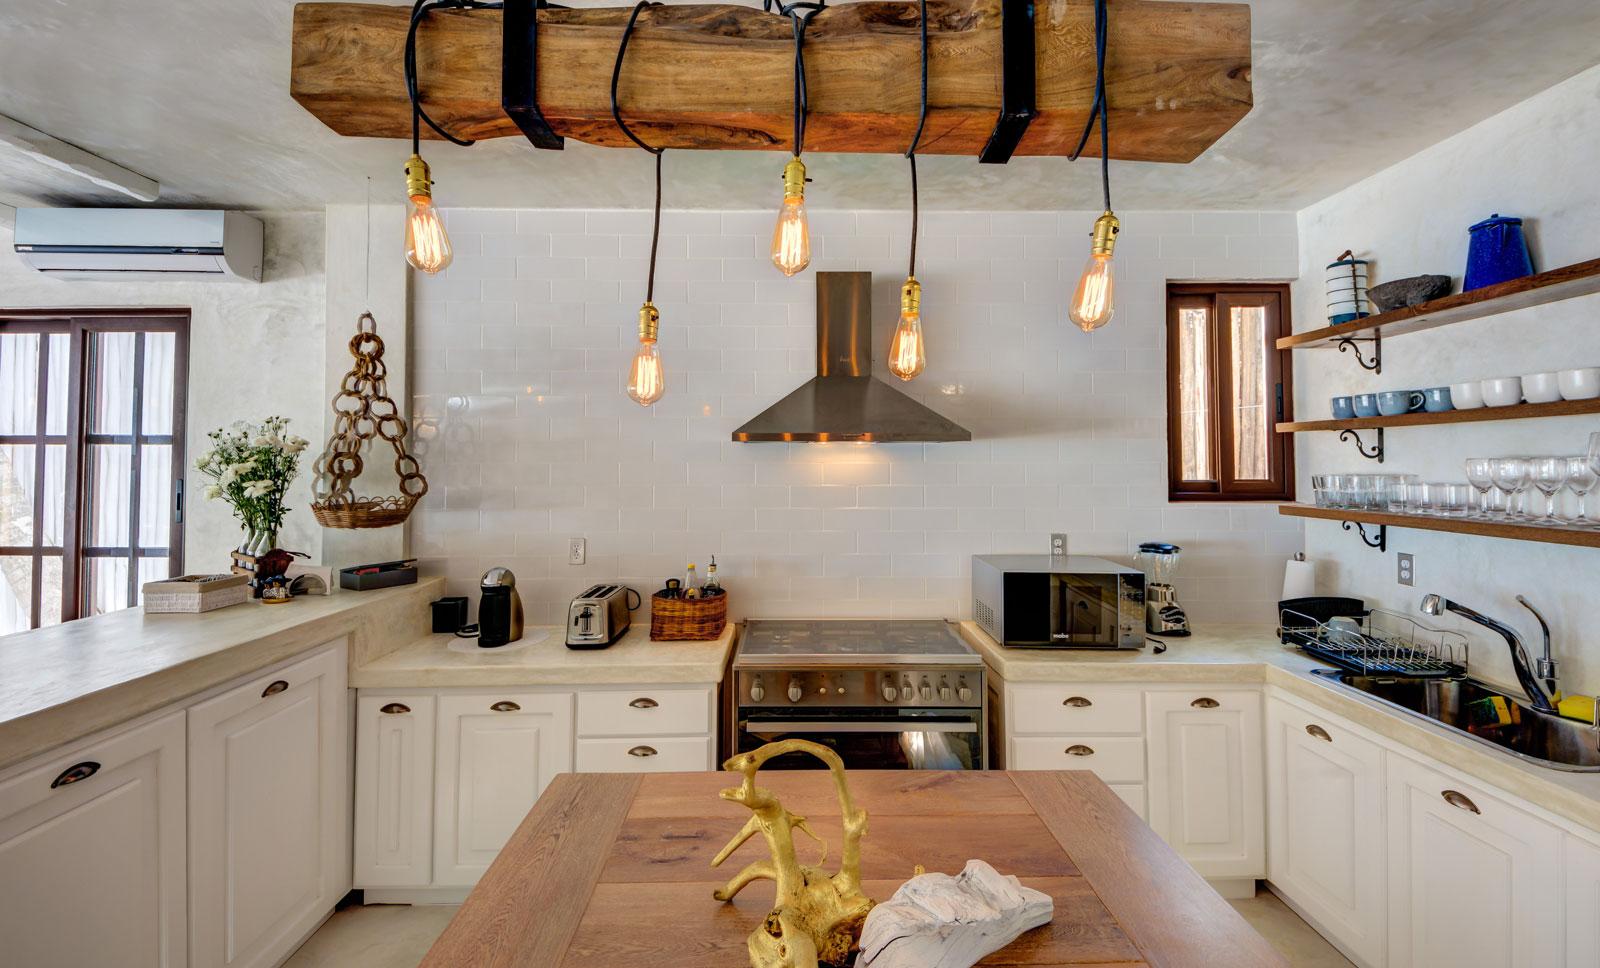 Maya_Luxe_Riviera_Maya_Luxury_Villas_Experiences_Soliman_Bay_Tulum_5_Bedrooms_Villa_La_Semilla_18.jpg